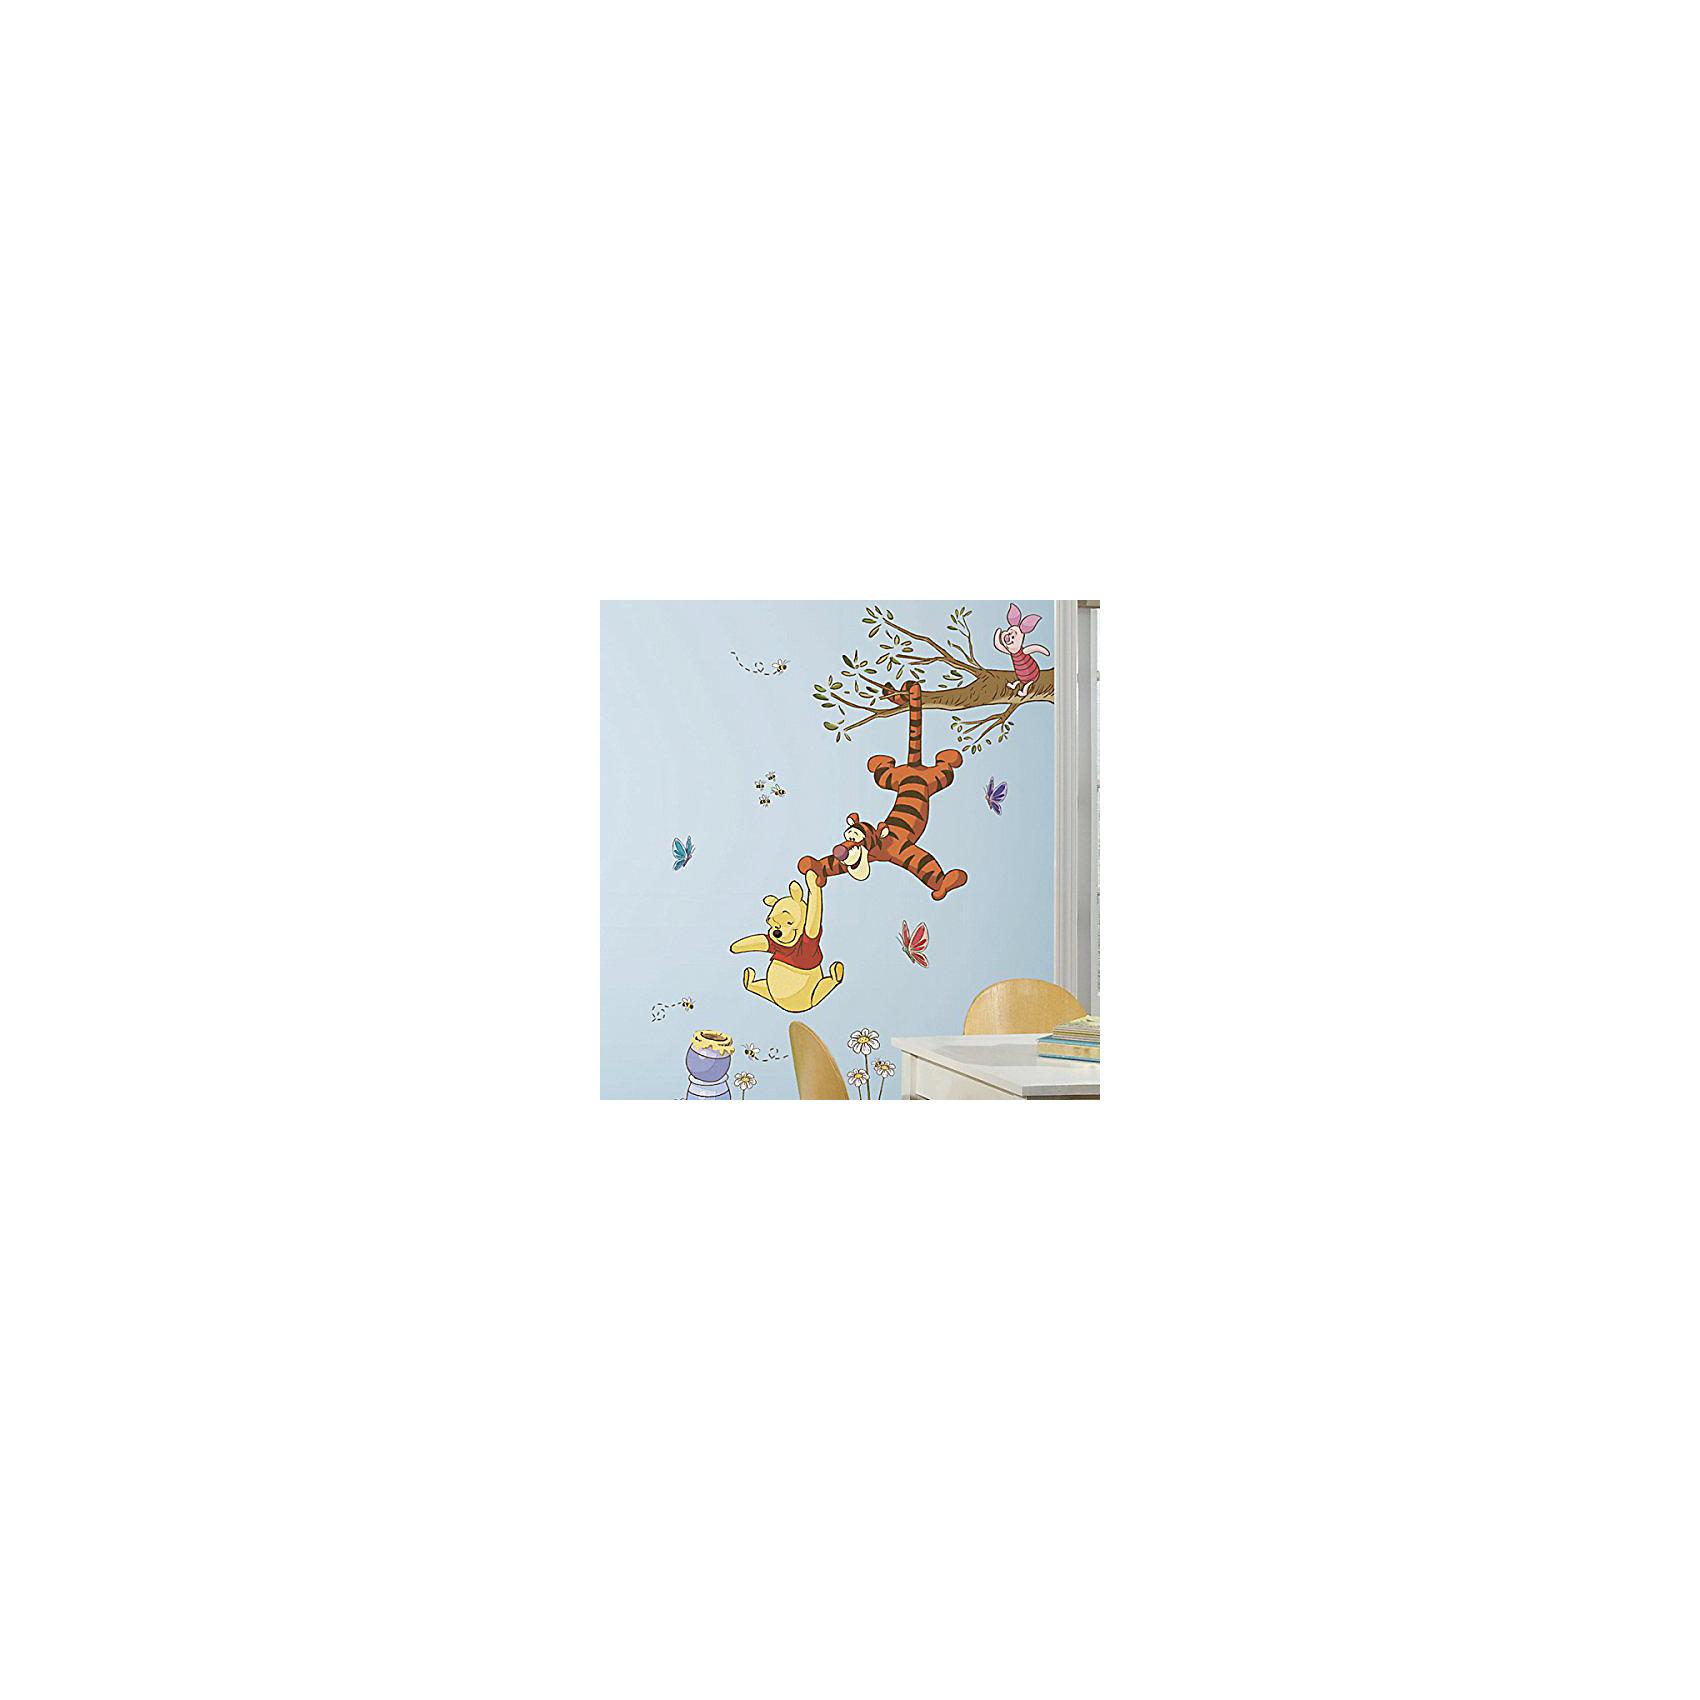 Наклейки для декора Винни-ПухDisney Винни Пух<br>Наклейки для декора Винни-Пух, RoomMates, замечательно подойдут для украшения Вашего интерьера и придадут ему оригинальный и веселый вид. В комплект входят наклейки с изображениями персонажей популярного диснеевского мультсериала: Винни Пуха, Тигры и Пятачка (всего в наборе 39 наклеек). Наклейки просты в применении и подходят для многоразового использования. Освободите выбранный рисунок от защитного слоя и приклейте на стену или любую другую плоскую гладкую поверхность. Стикеры легко отклеиваются и не оставляют липких следов на поверхности. Яркие наклейки с любимыми героями будут радовать Вашего ребенка и создавать атмосферу домашнего уюта.<br><br>Дополнительная информация:<br><br>- В комплекте: 39 наклеек.<br>- Материал: винил.<br>- Размер изображения в собранном виде: 104,8 х 132 см. <br>- Размер упаковки: 48,3 х 12,7 х 2,6 см. <br>- Вес: 0,331 кг. <br><br>Наклейки для декора Винни-Пух, RoomMates, можно купить в нашем интернет-магазине.<br><br>Ширина мм: 292<br>Глубина мм: 127<br>Высота мм: 26<br>Вес г: 141<br>Возраст от месяцев: 36<br>Возраст до месяцев: 144<br>Пол: Унисекс<br>Возраст: Детский<br>SKU: 4652192